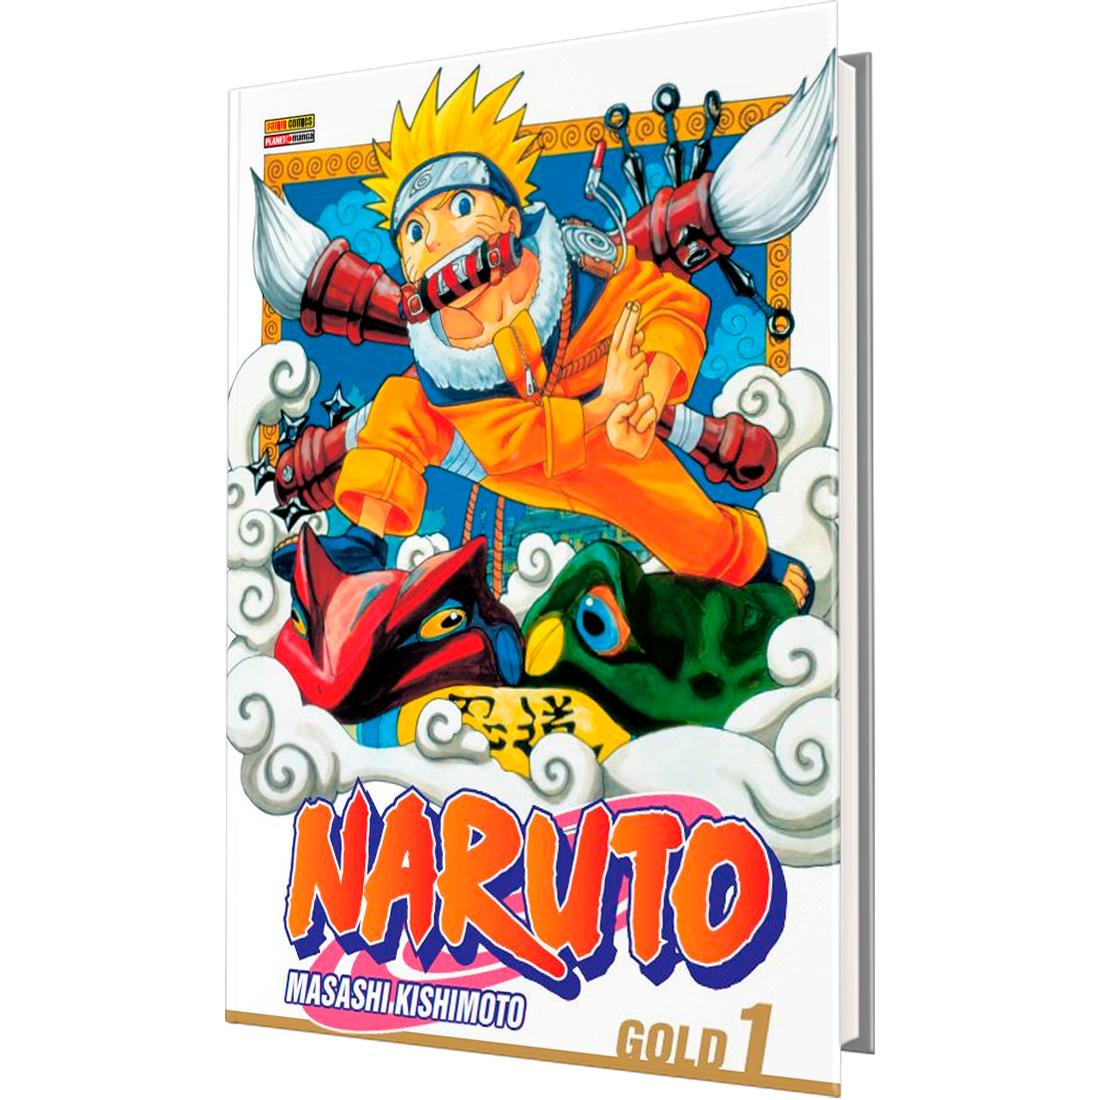 Naruto Gold Vol. 1